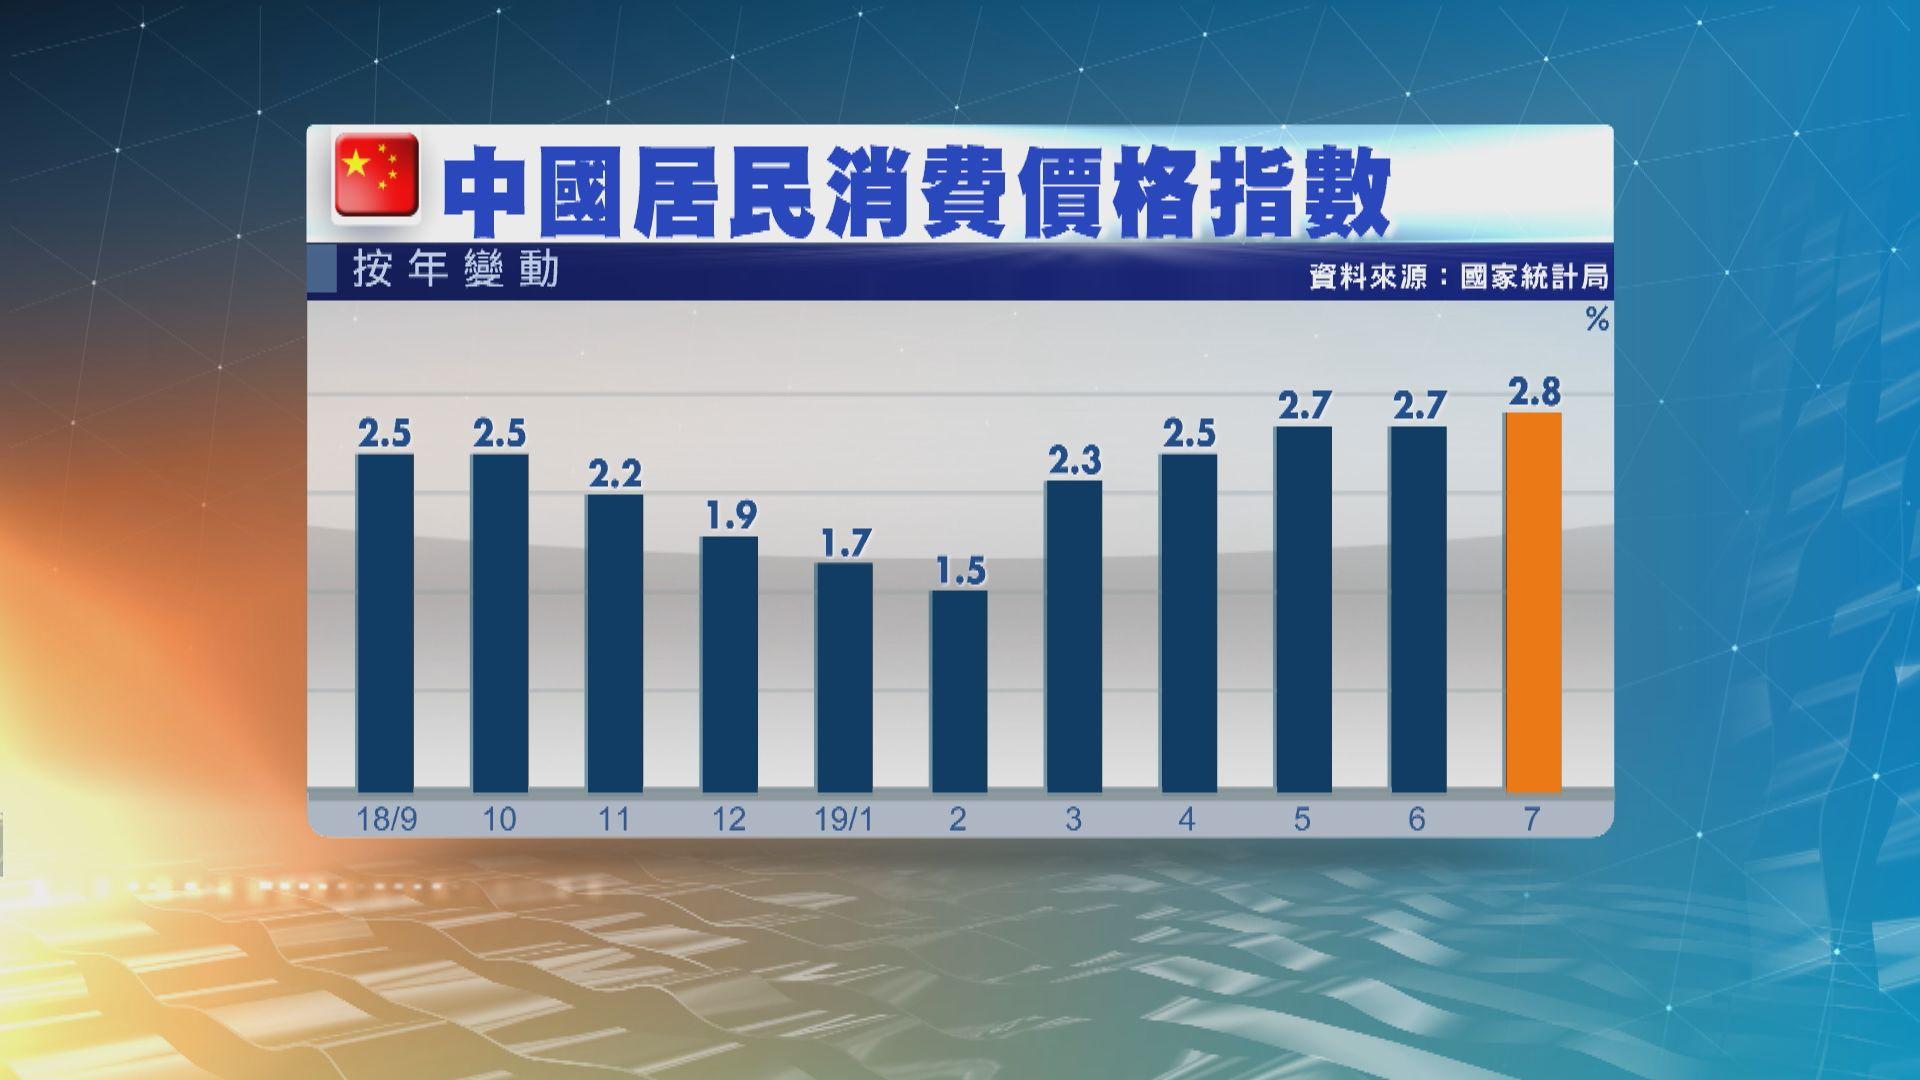 上月內地通脹率2.8%略高於預期